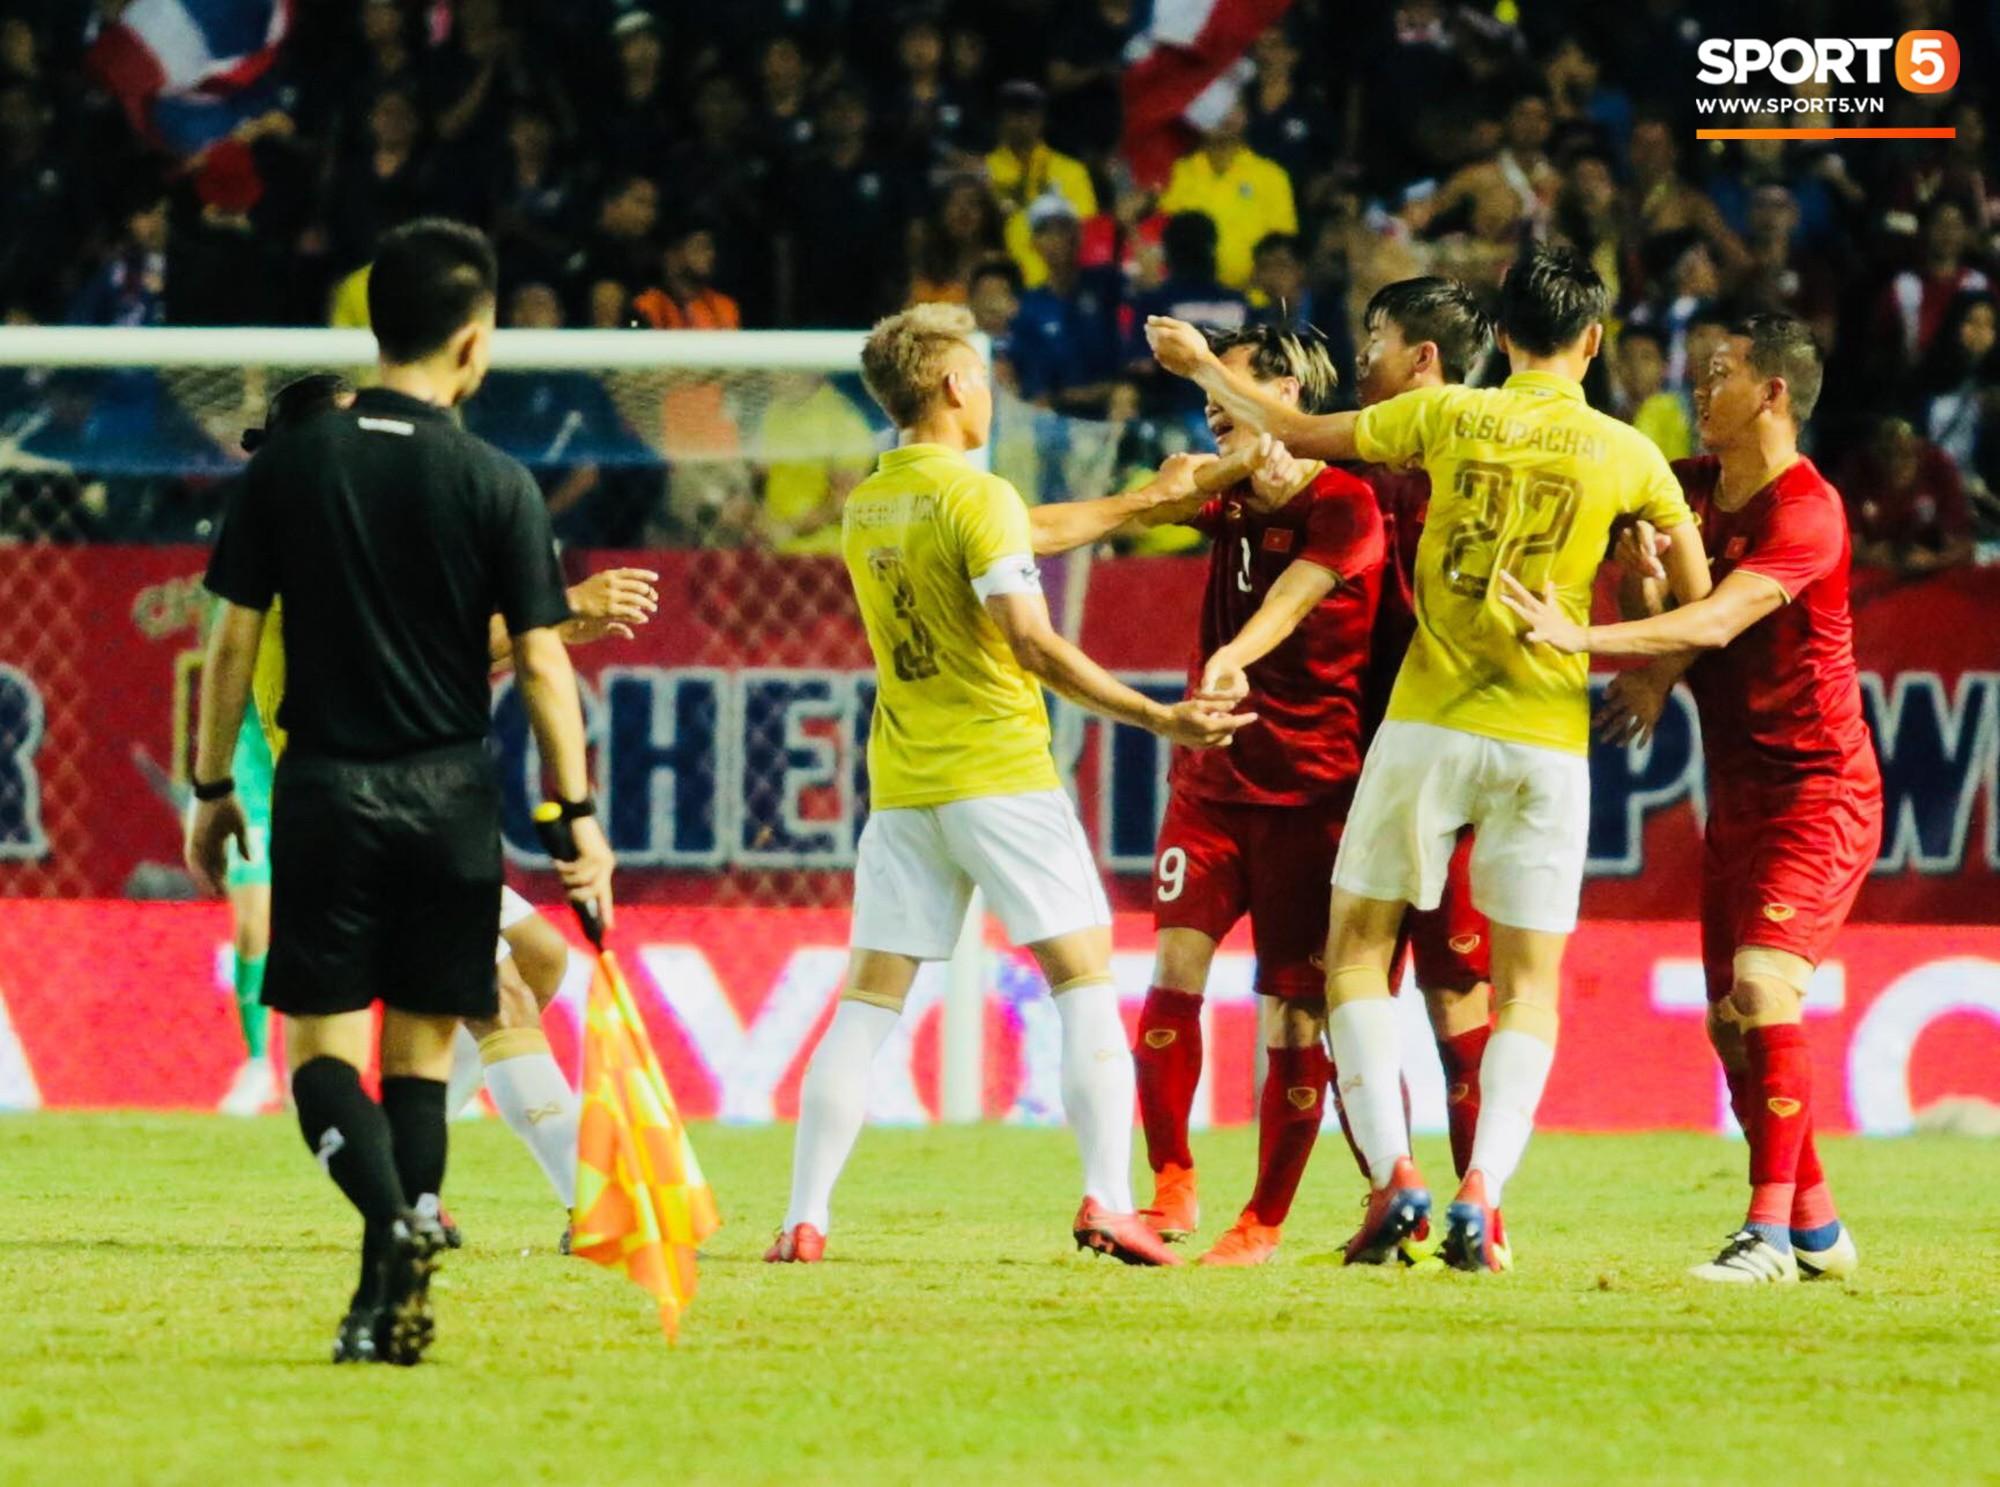 HLV Park Hang-seo lao vào sân phản ứng khi Văn Hậu bị đối phương tát vào mặt-7